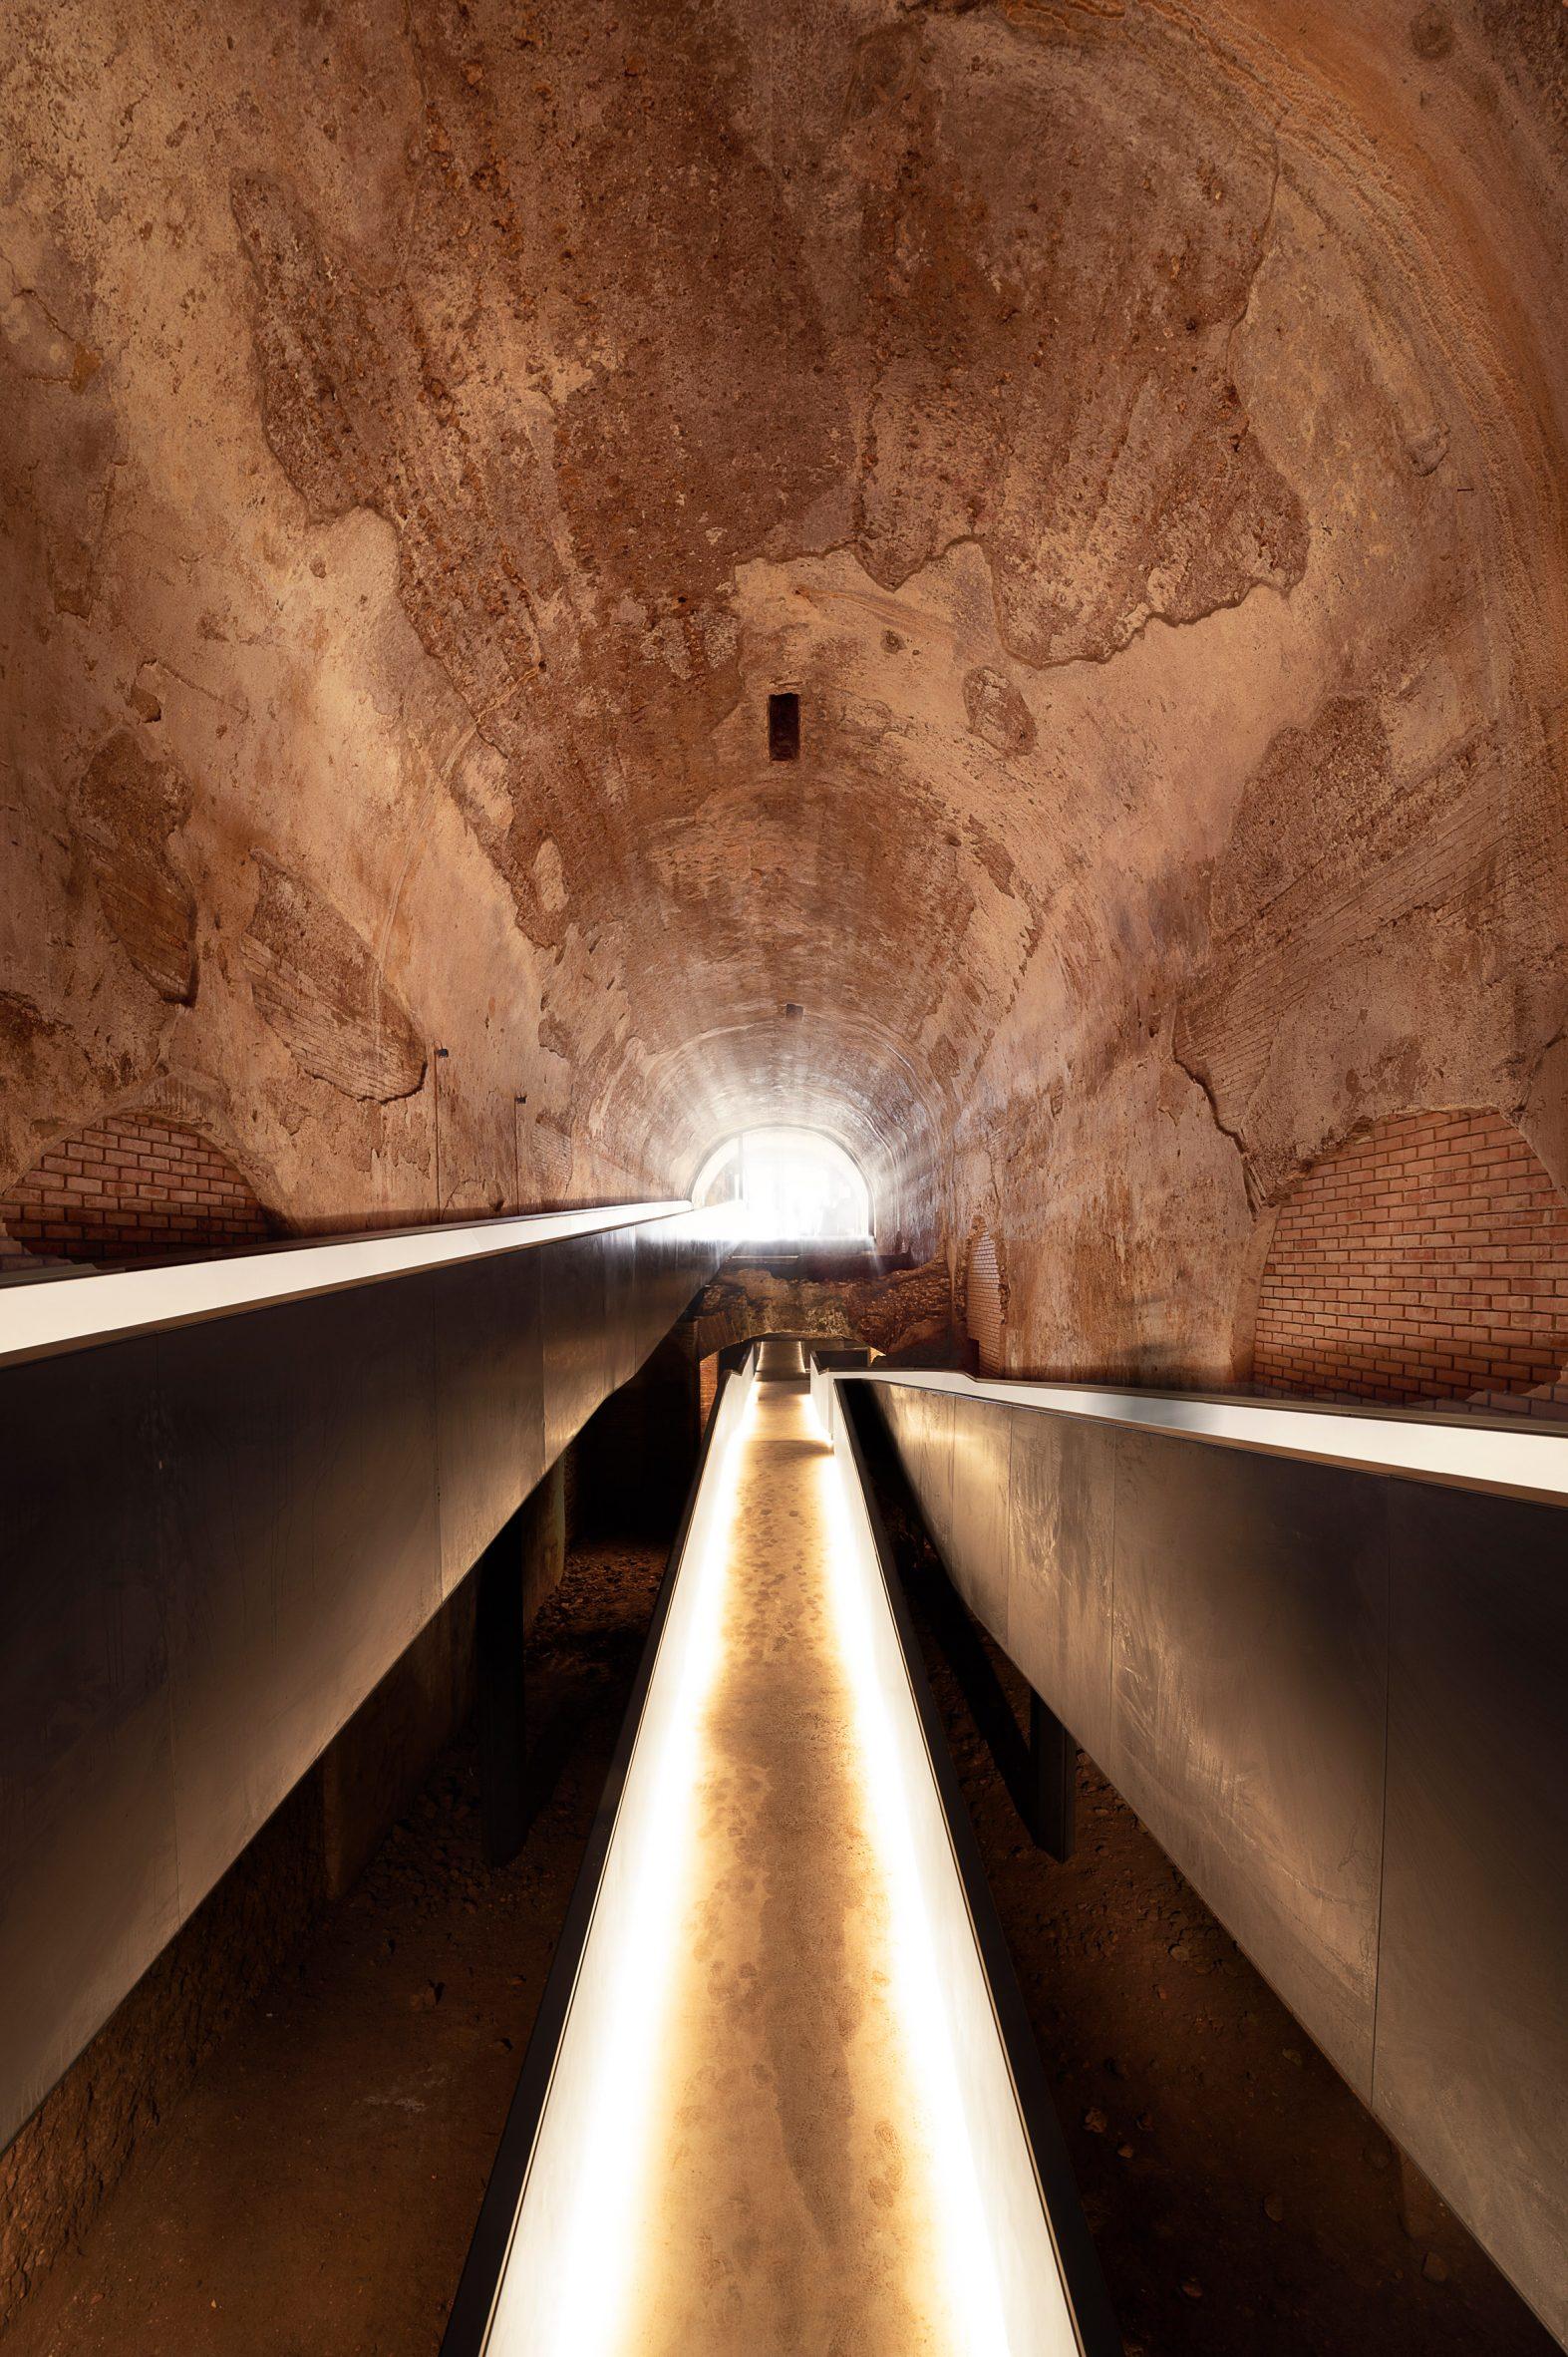 A metal walkway